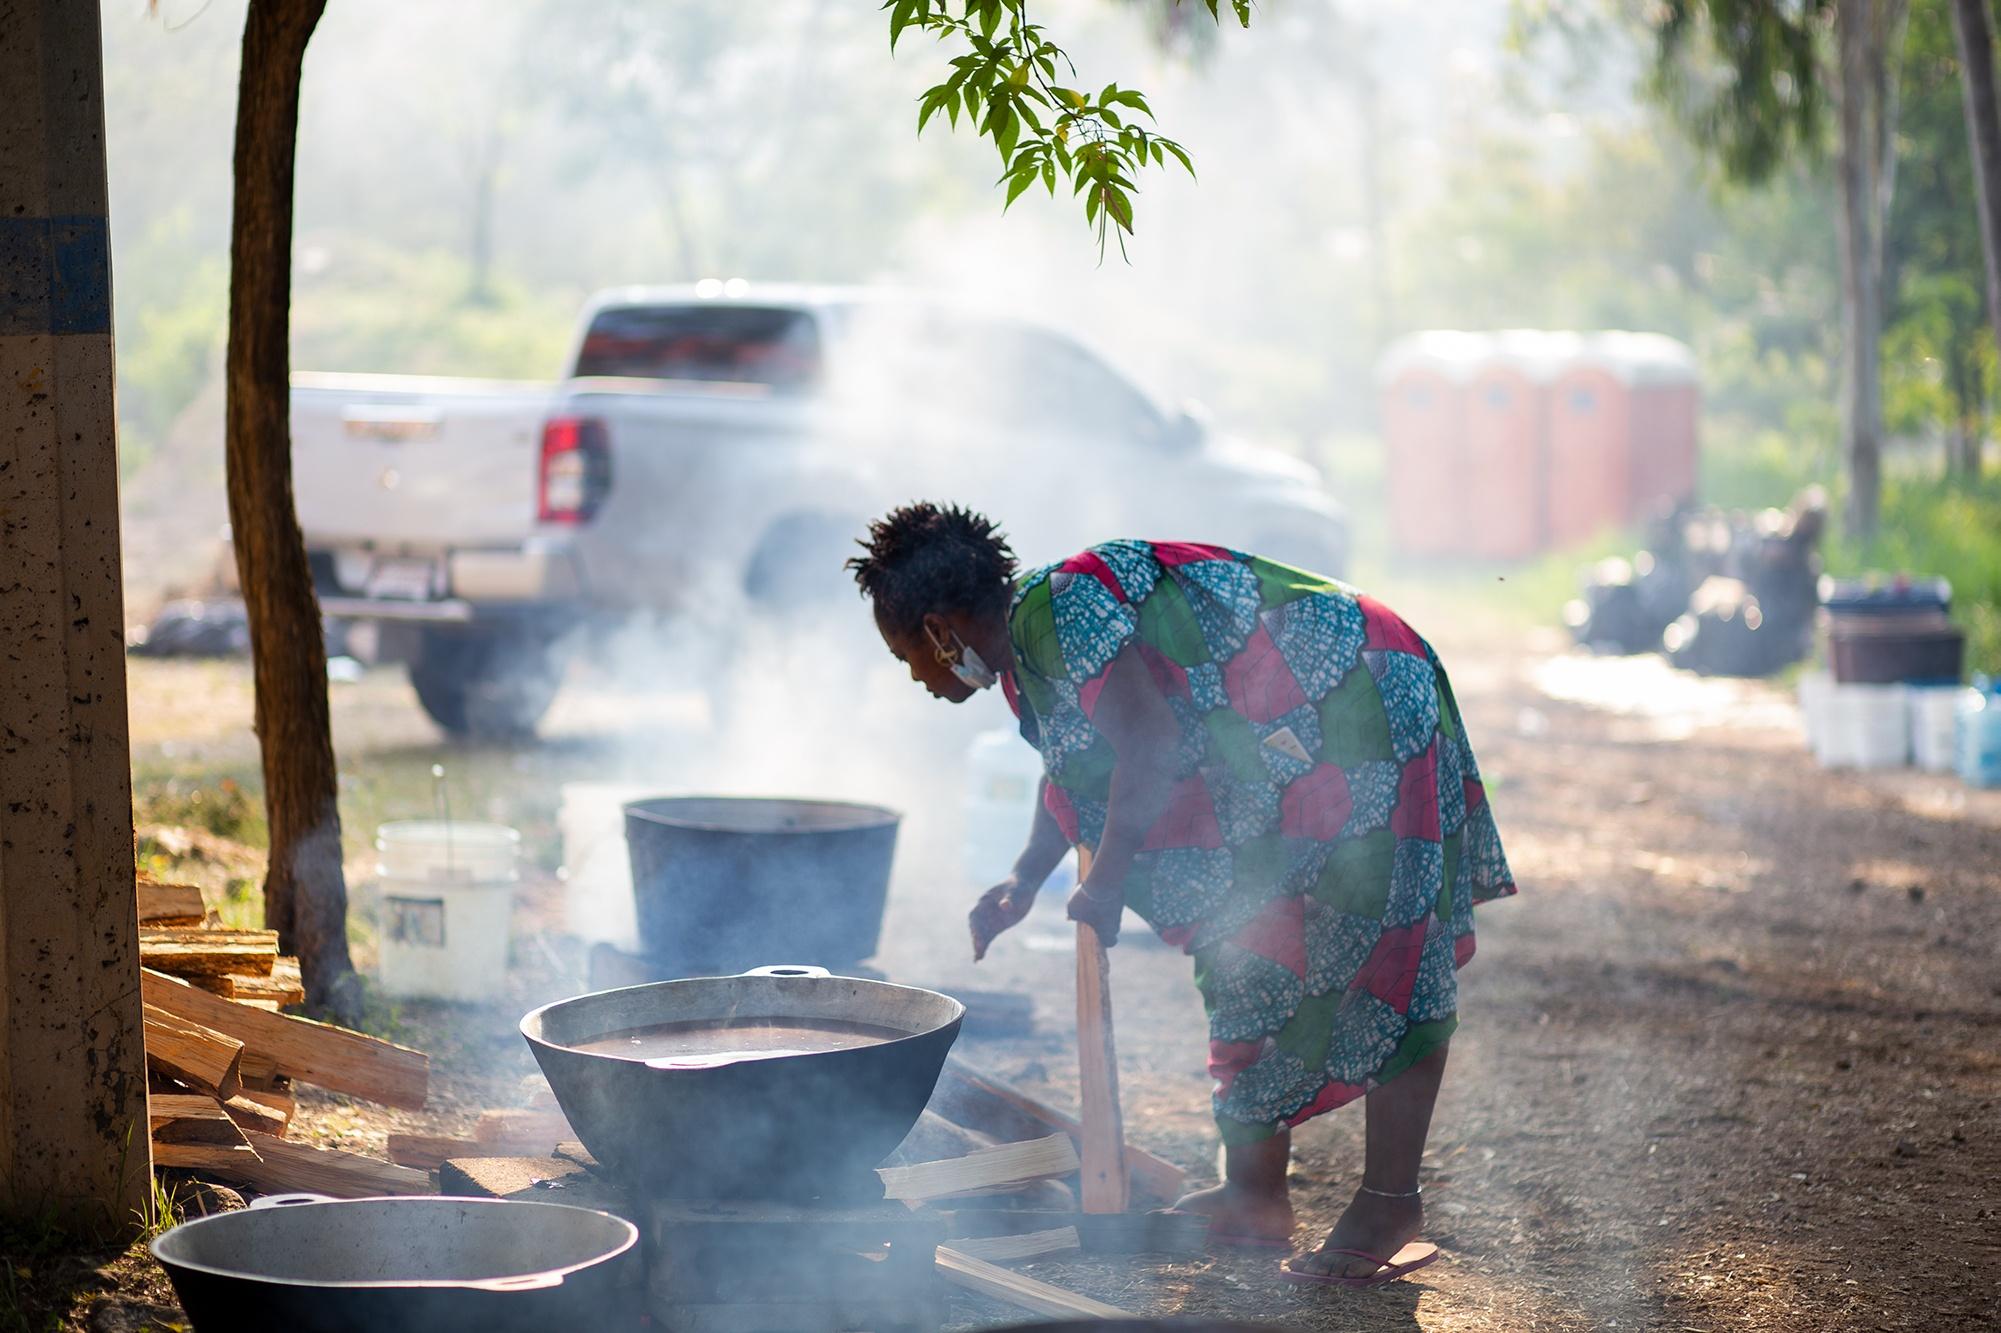 Mabel García, de la Organización Fraternal Negra de Honduras, durante los preparativos en la cocina común del Campamento Feminista Viva Berta. Tegucigalpa, 18 de mayo de 2021. Foto: Martín Cálix.